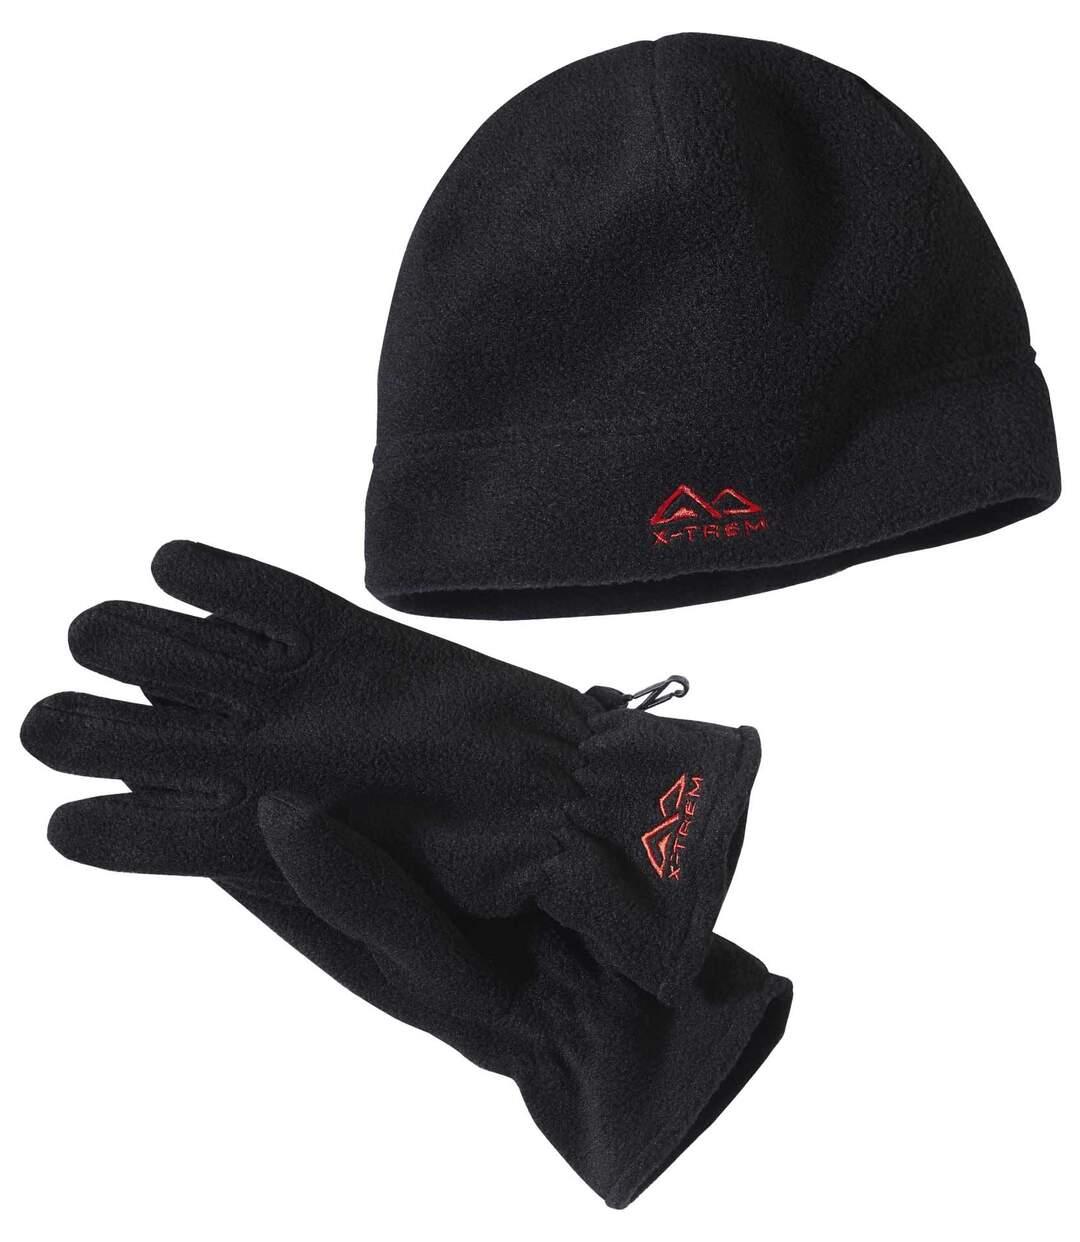 Polarowy zestaw: rękawiczki + czapka  Atlas For Men